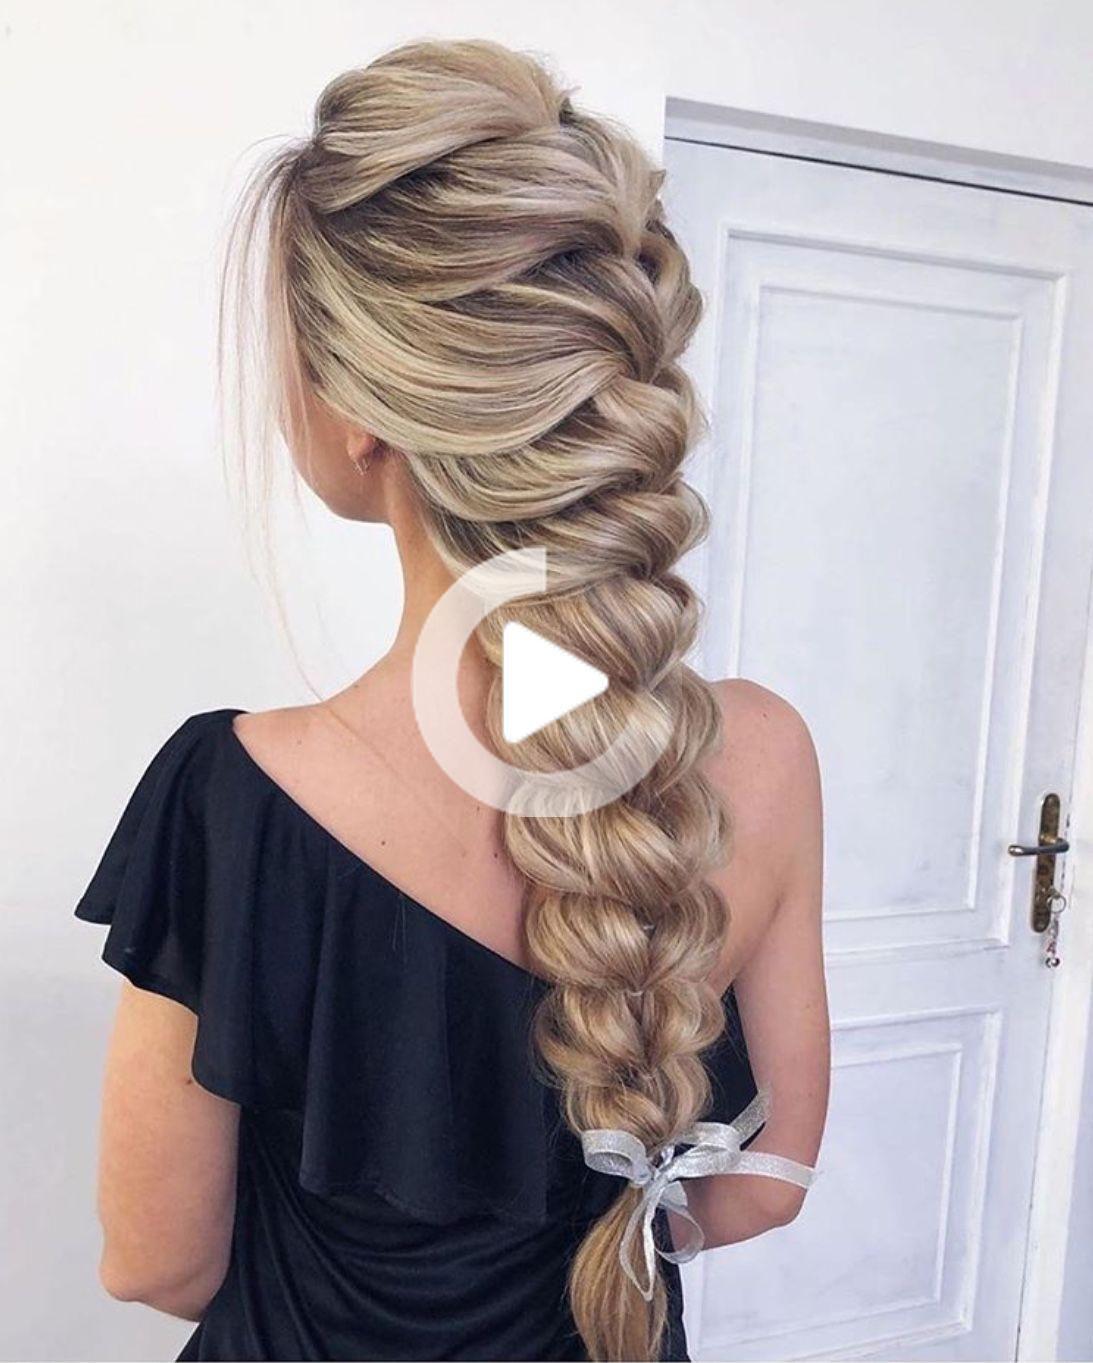 14 Facile Tresse Coiffures Pour Cheveux Longs Coiffure Belle Coiffure Coiffure Cheveux Long